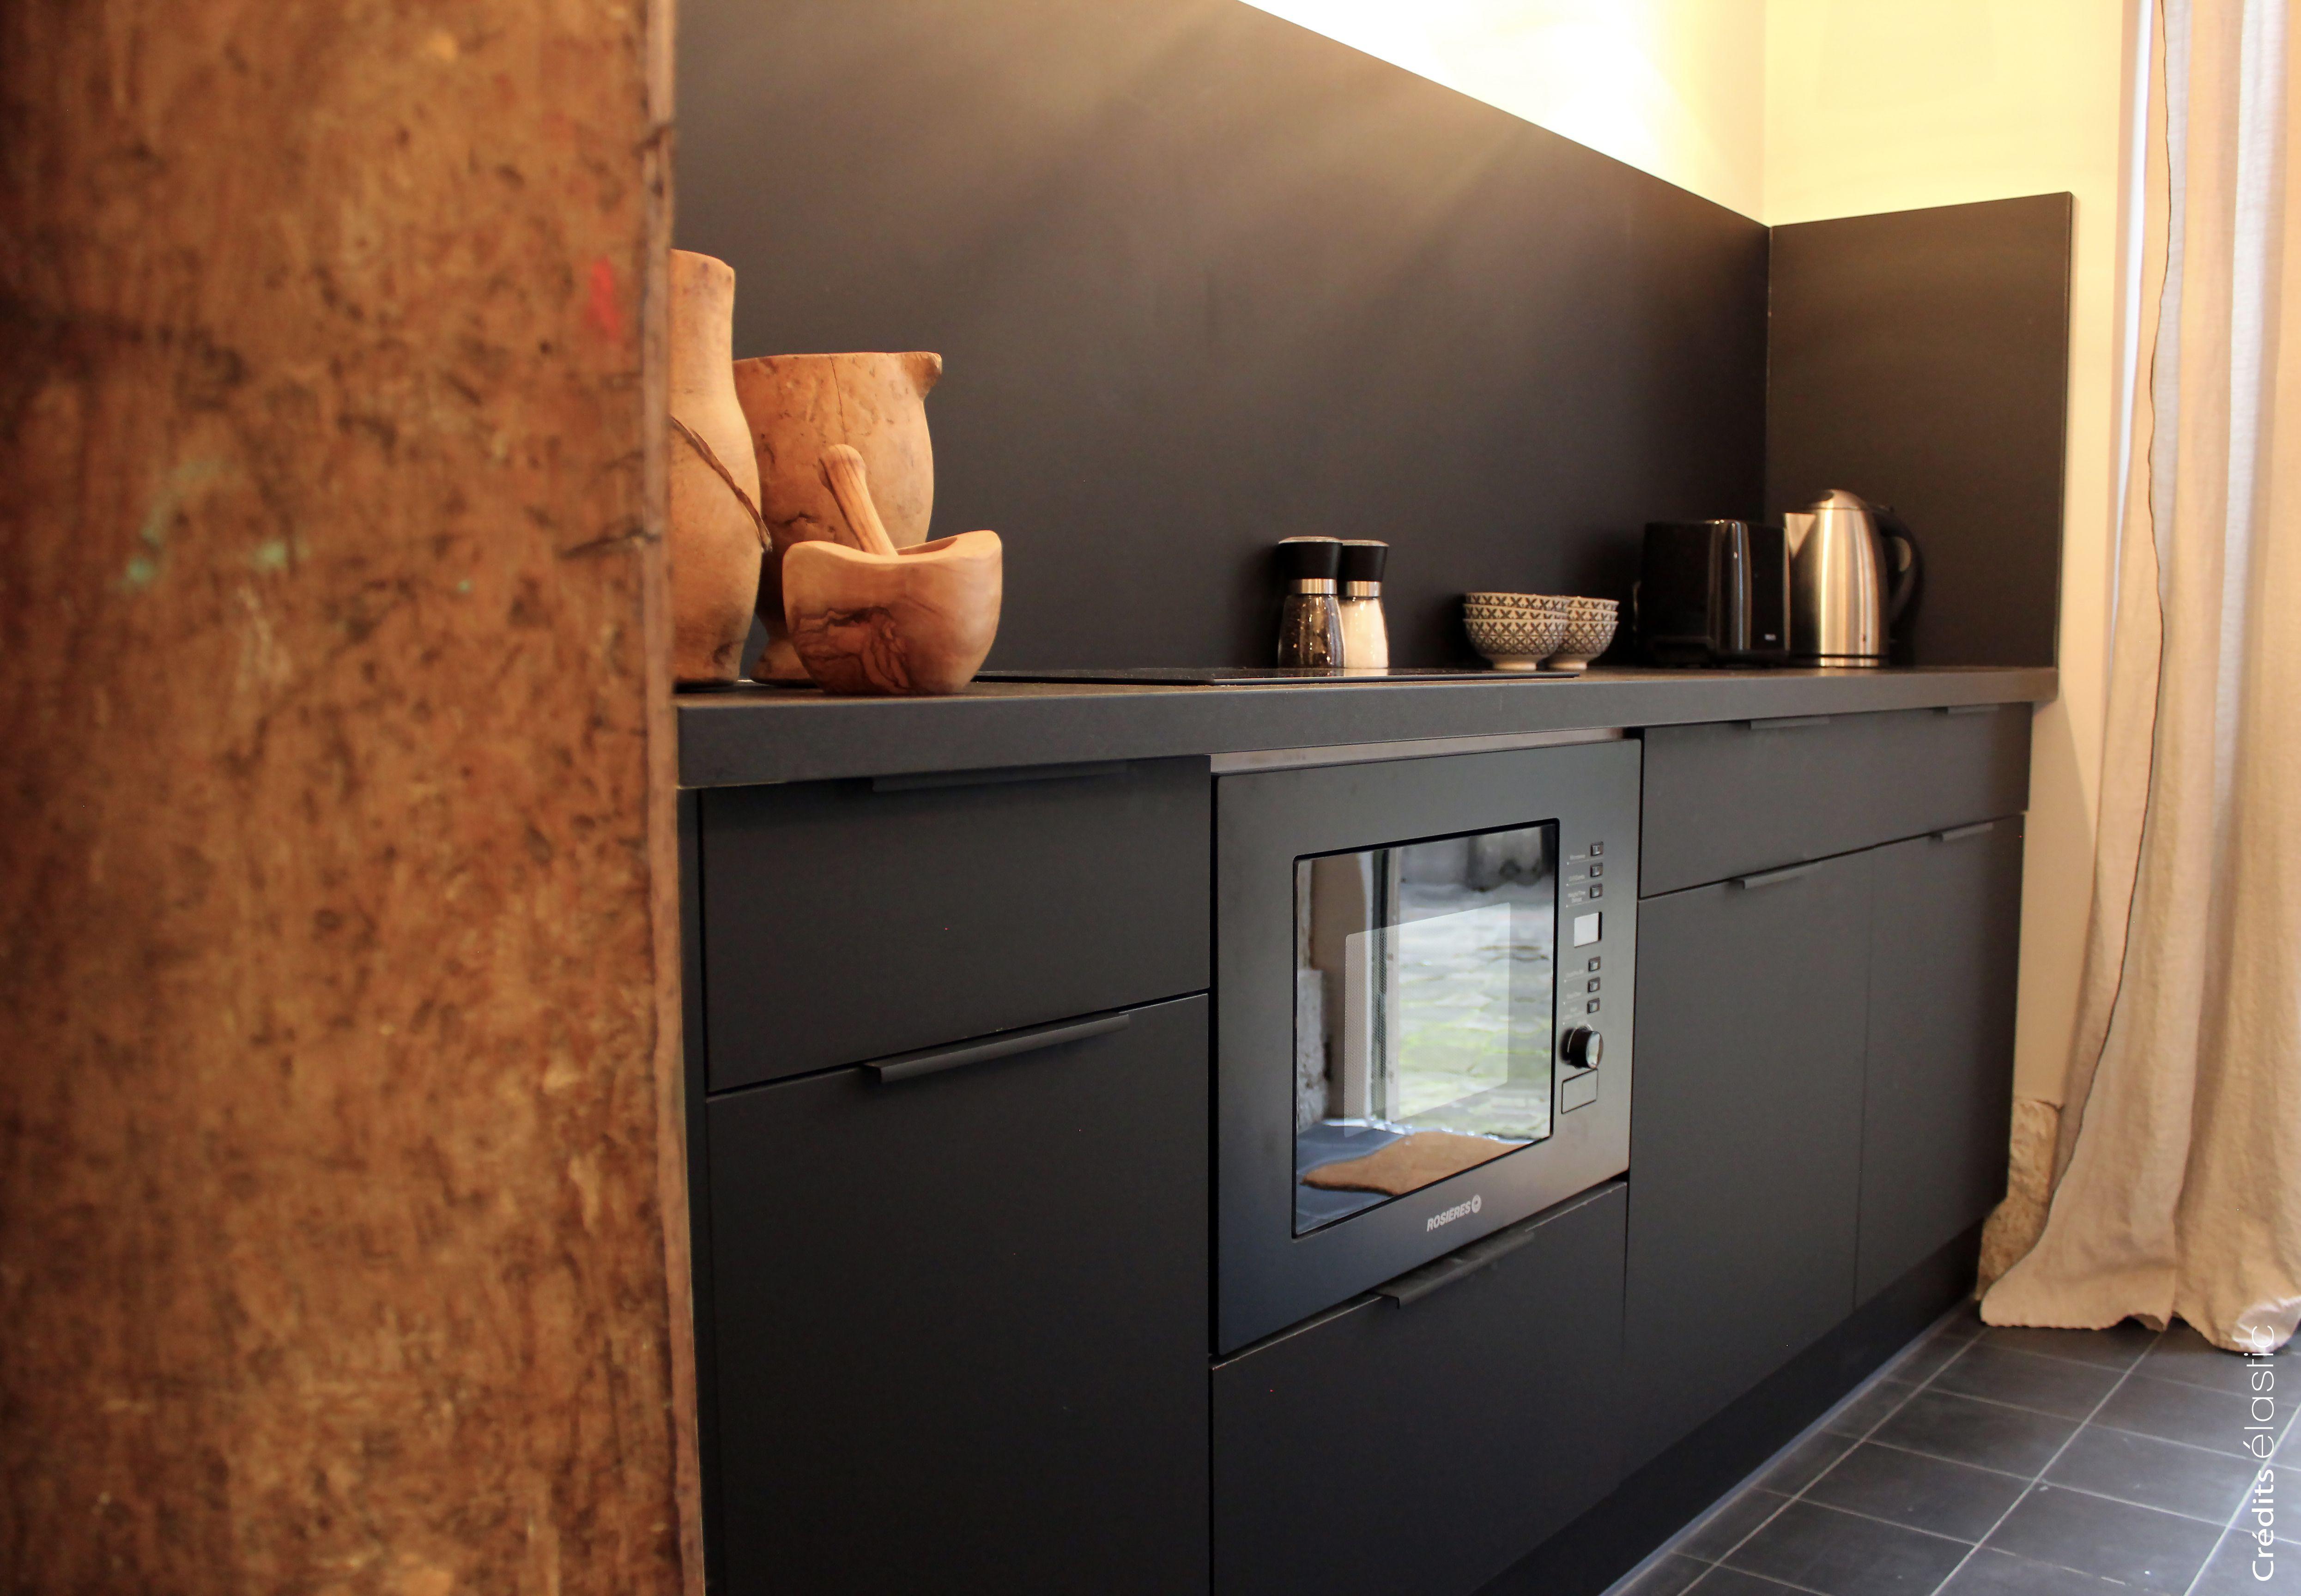 Cuisine couleur noir mat cuisine et cr dence leroy - Credence adhesive cuisine leroy merlin ...